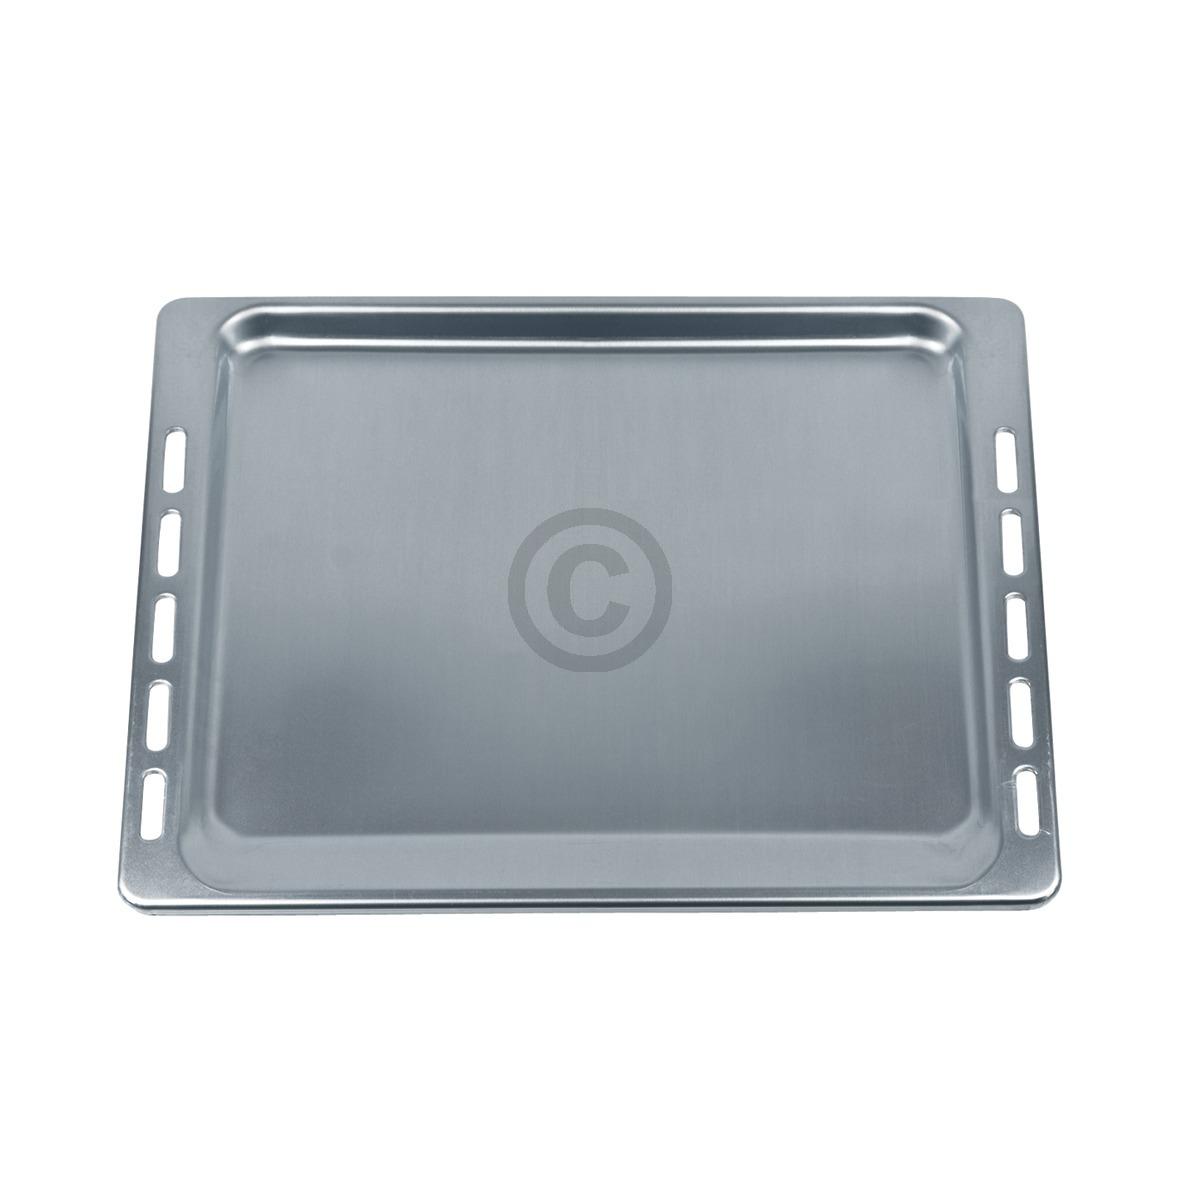 Backblech Whirlpool 481241838127 445x375x20mm Aluminium